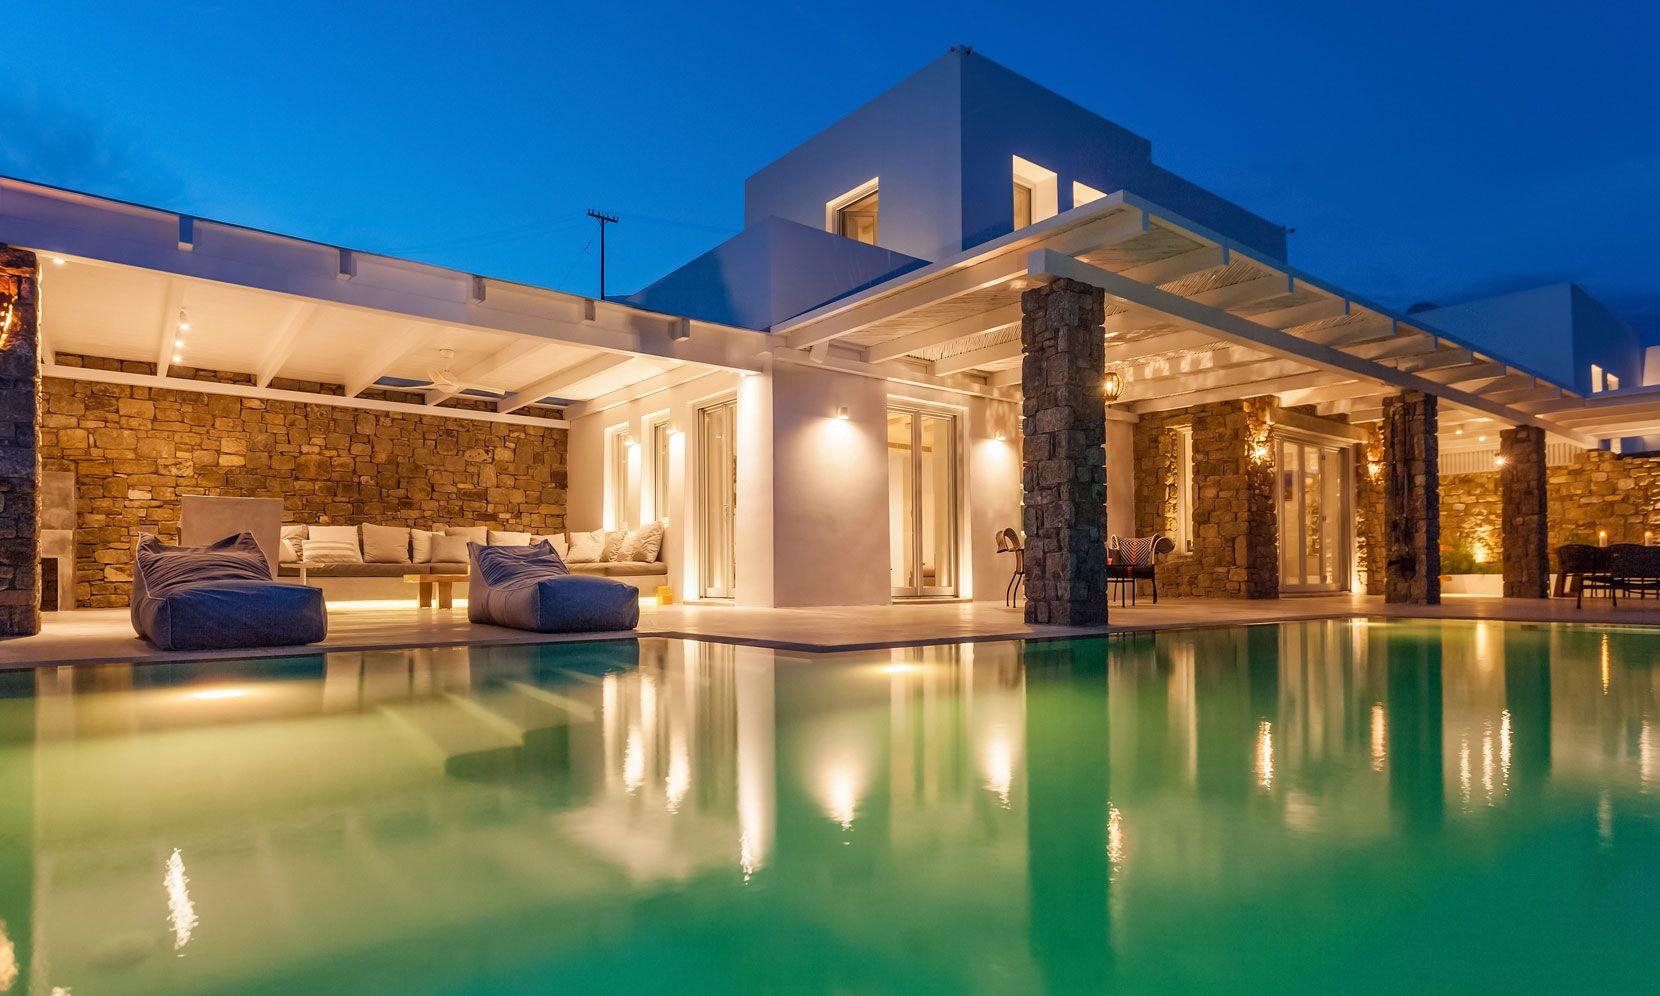 Mykonos Villa Anarina 2 jumbotron image